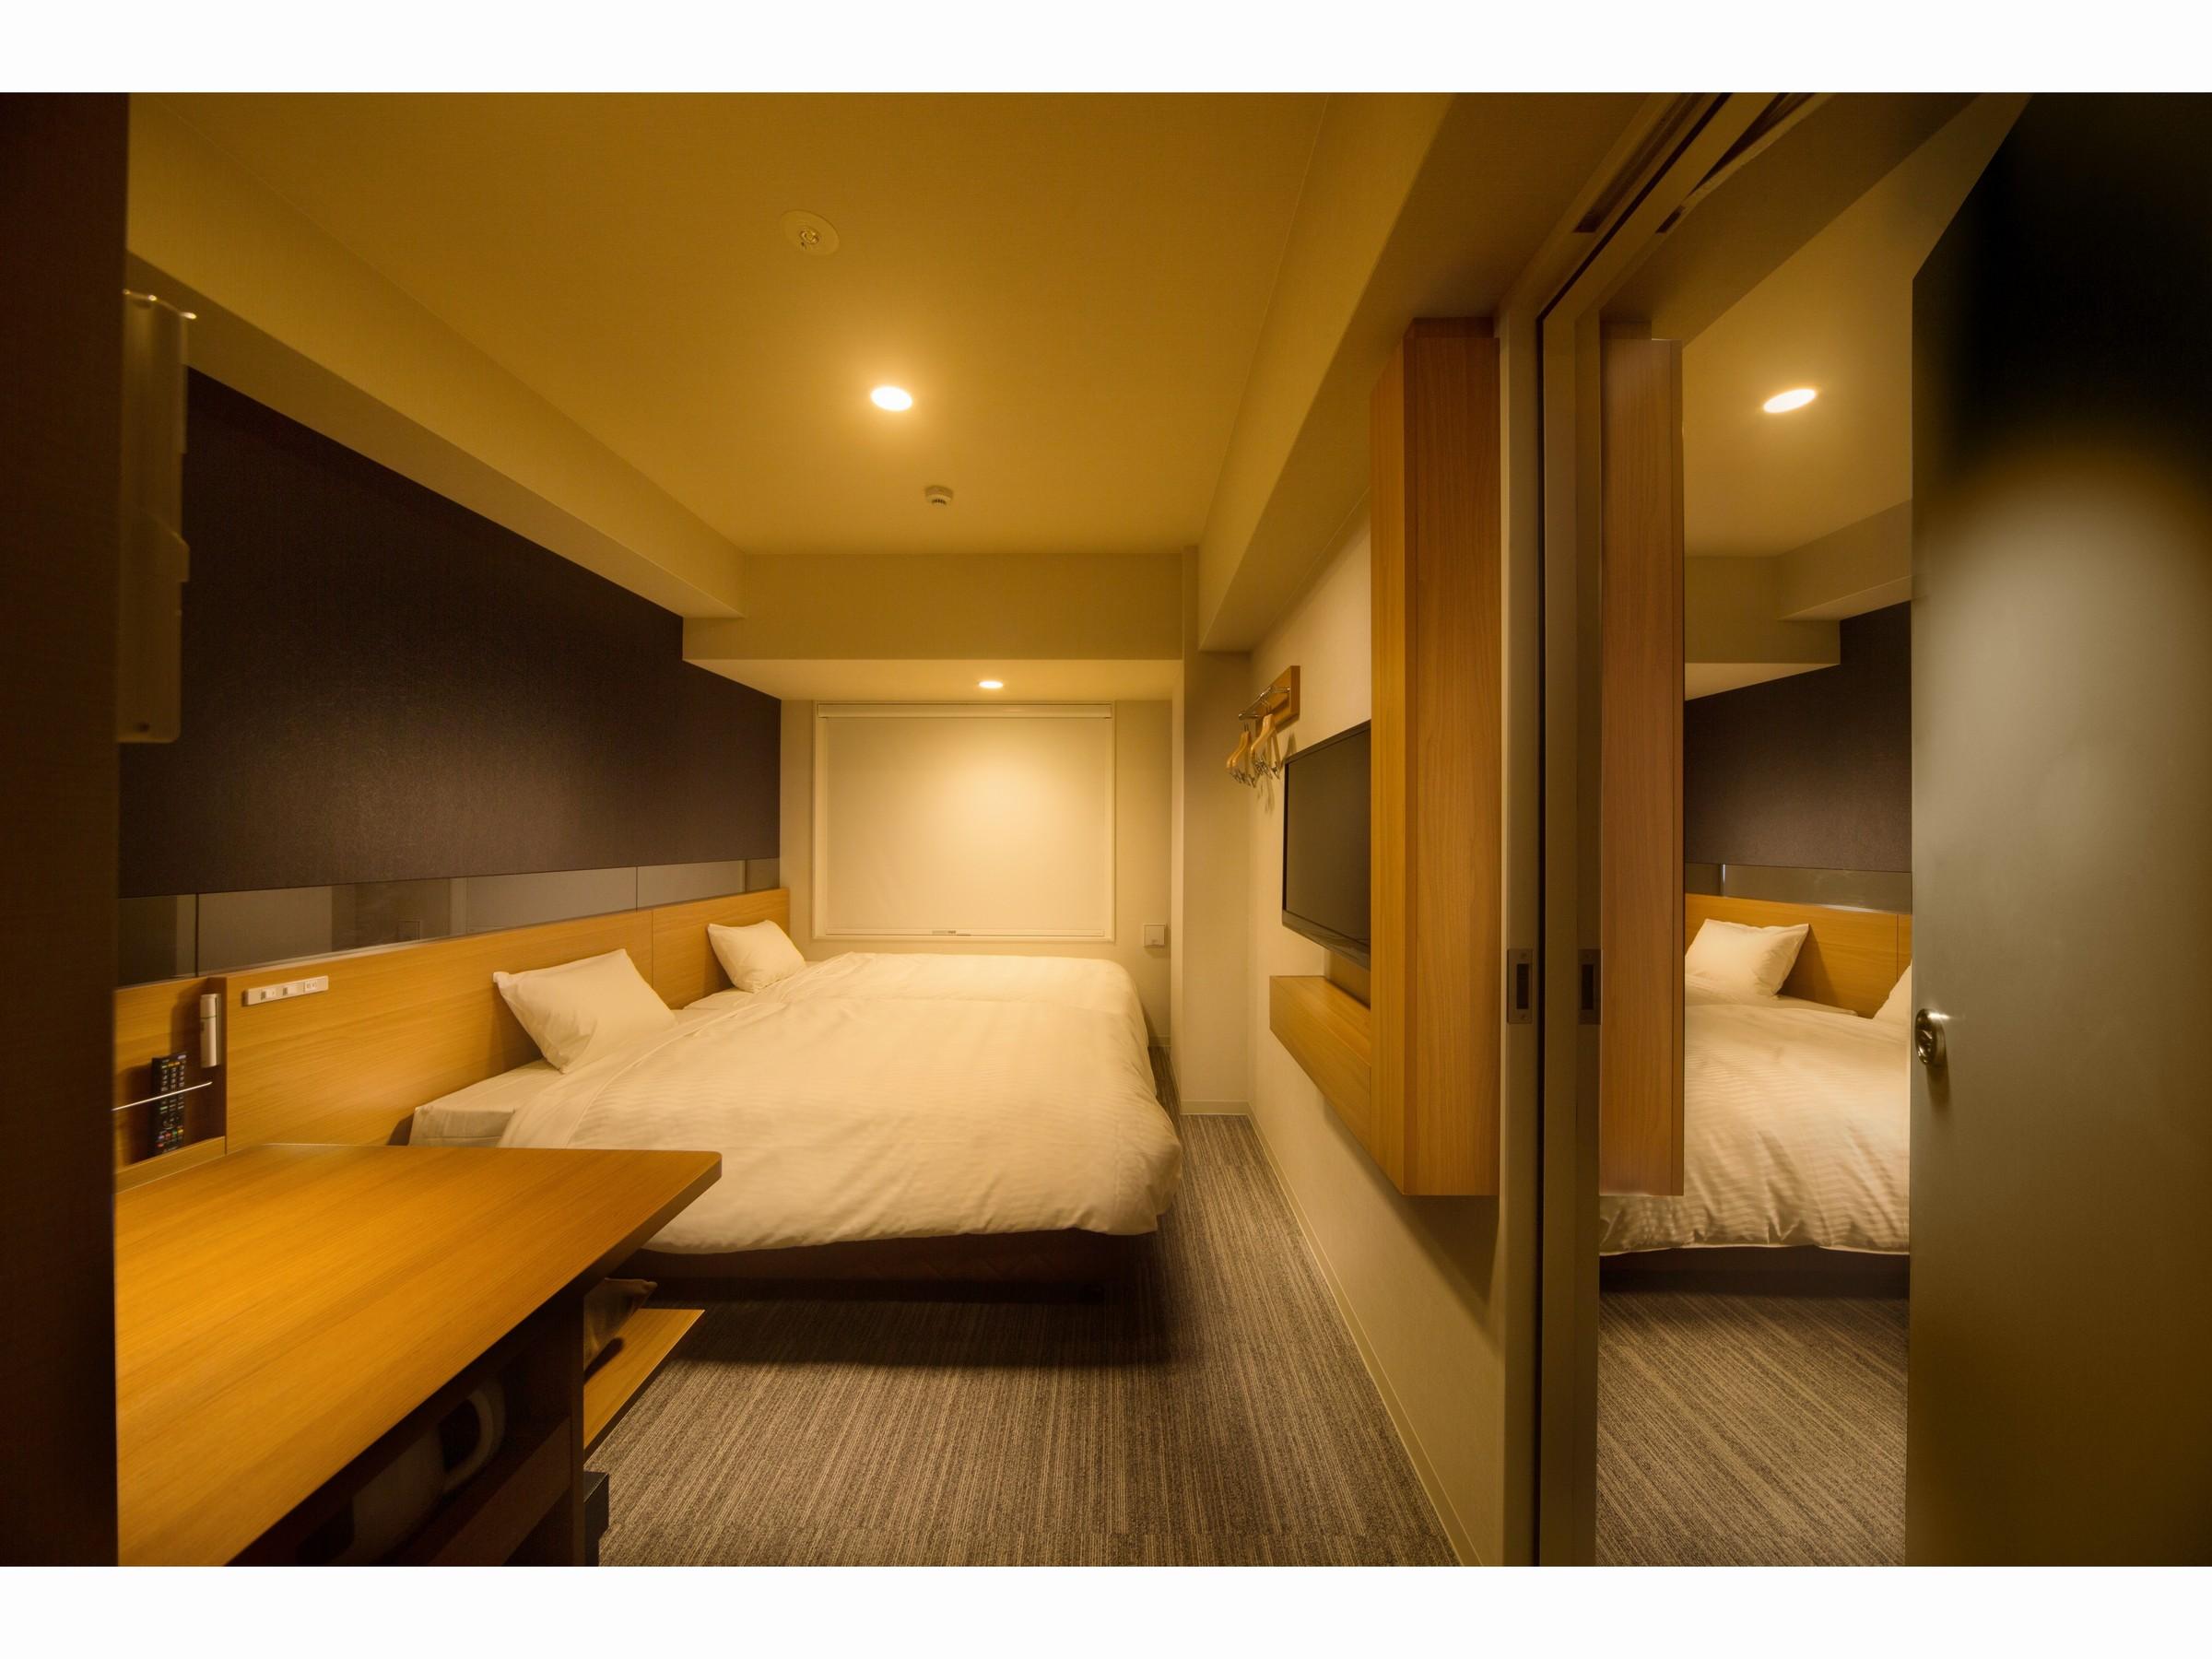 ホテルグラッドワン京都七条 / コネクティングルーム【禁煙】